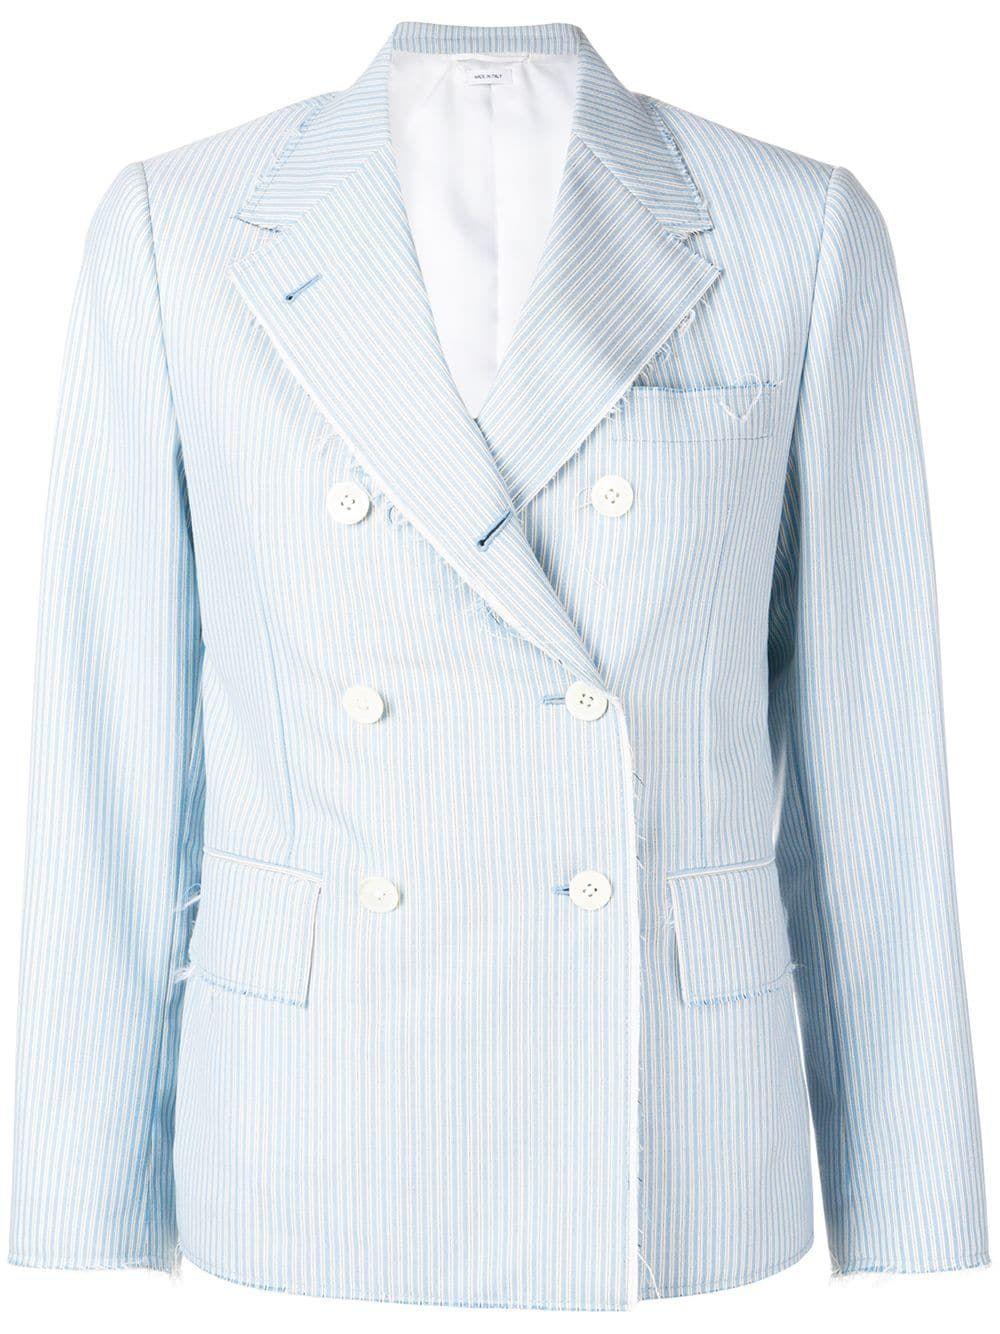 Awning Stripe Narrow Sport Coat In Blue Sport Coat Thom Browne Women Wear